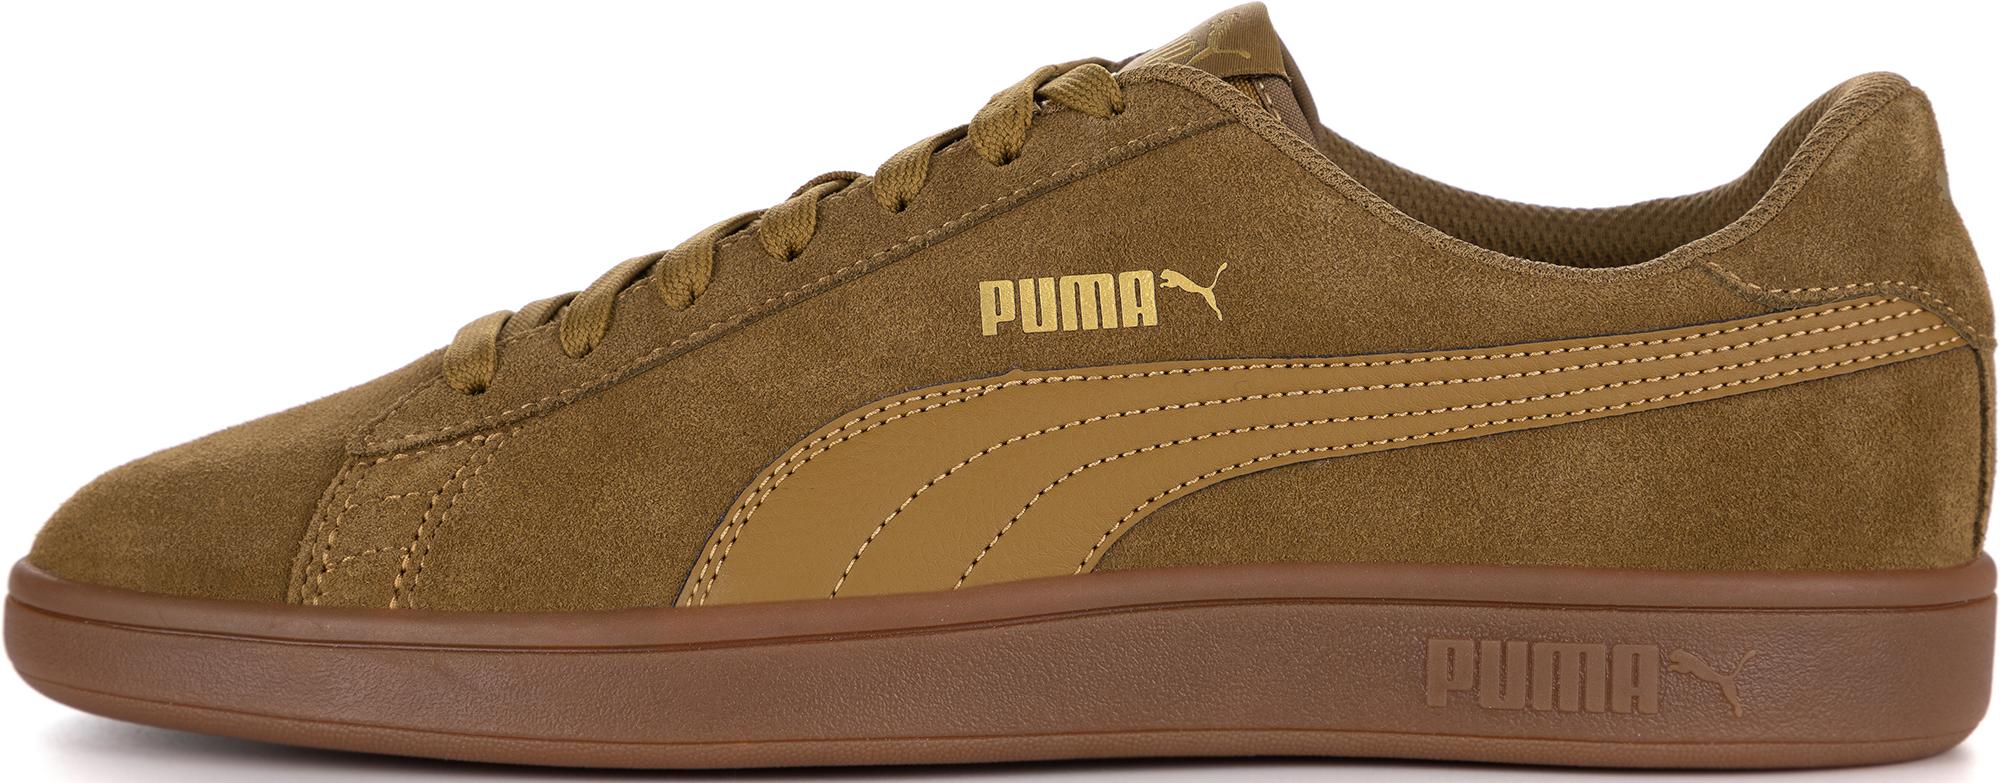 Puma Кеды мужские Puma Smash V2, размер 44 все цены